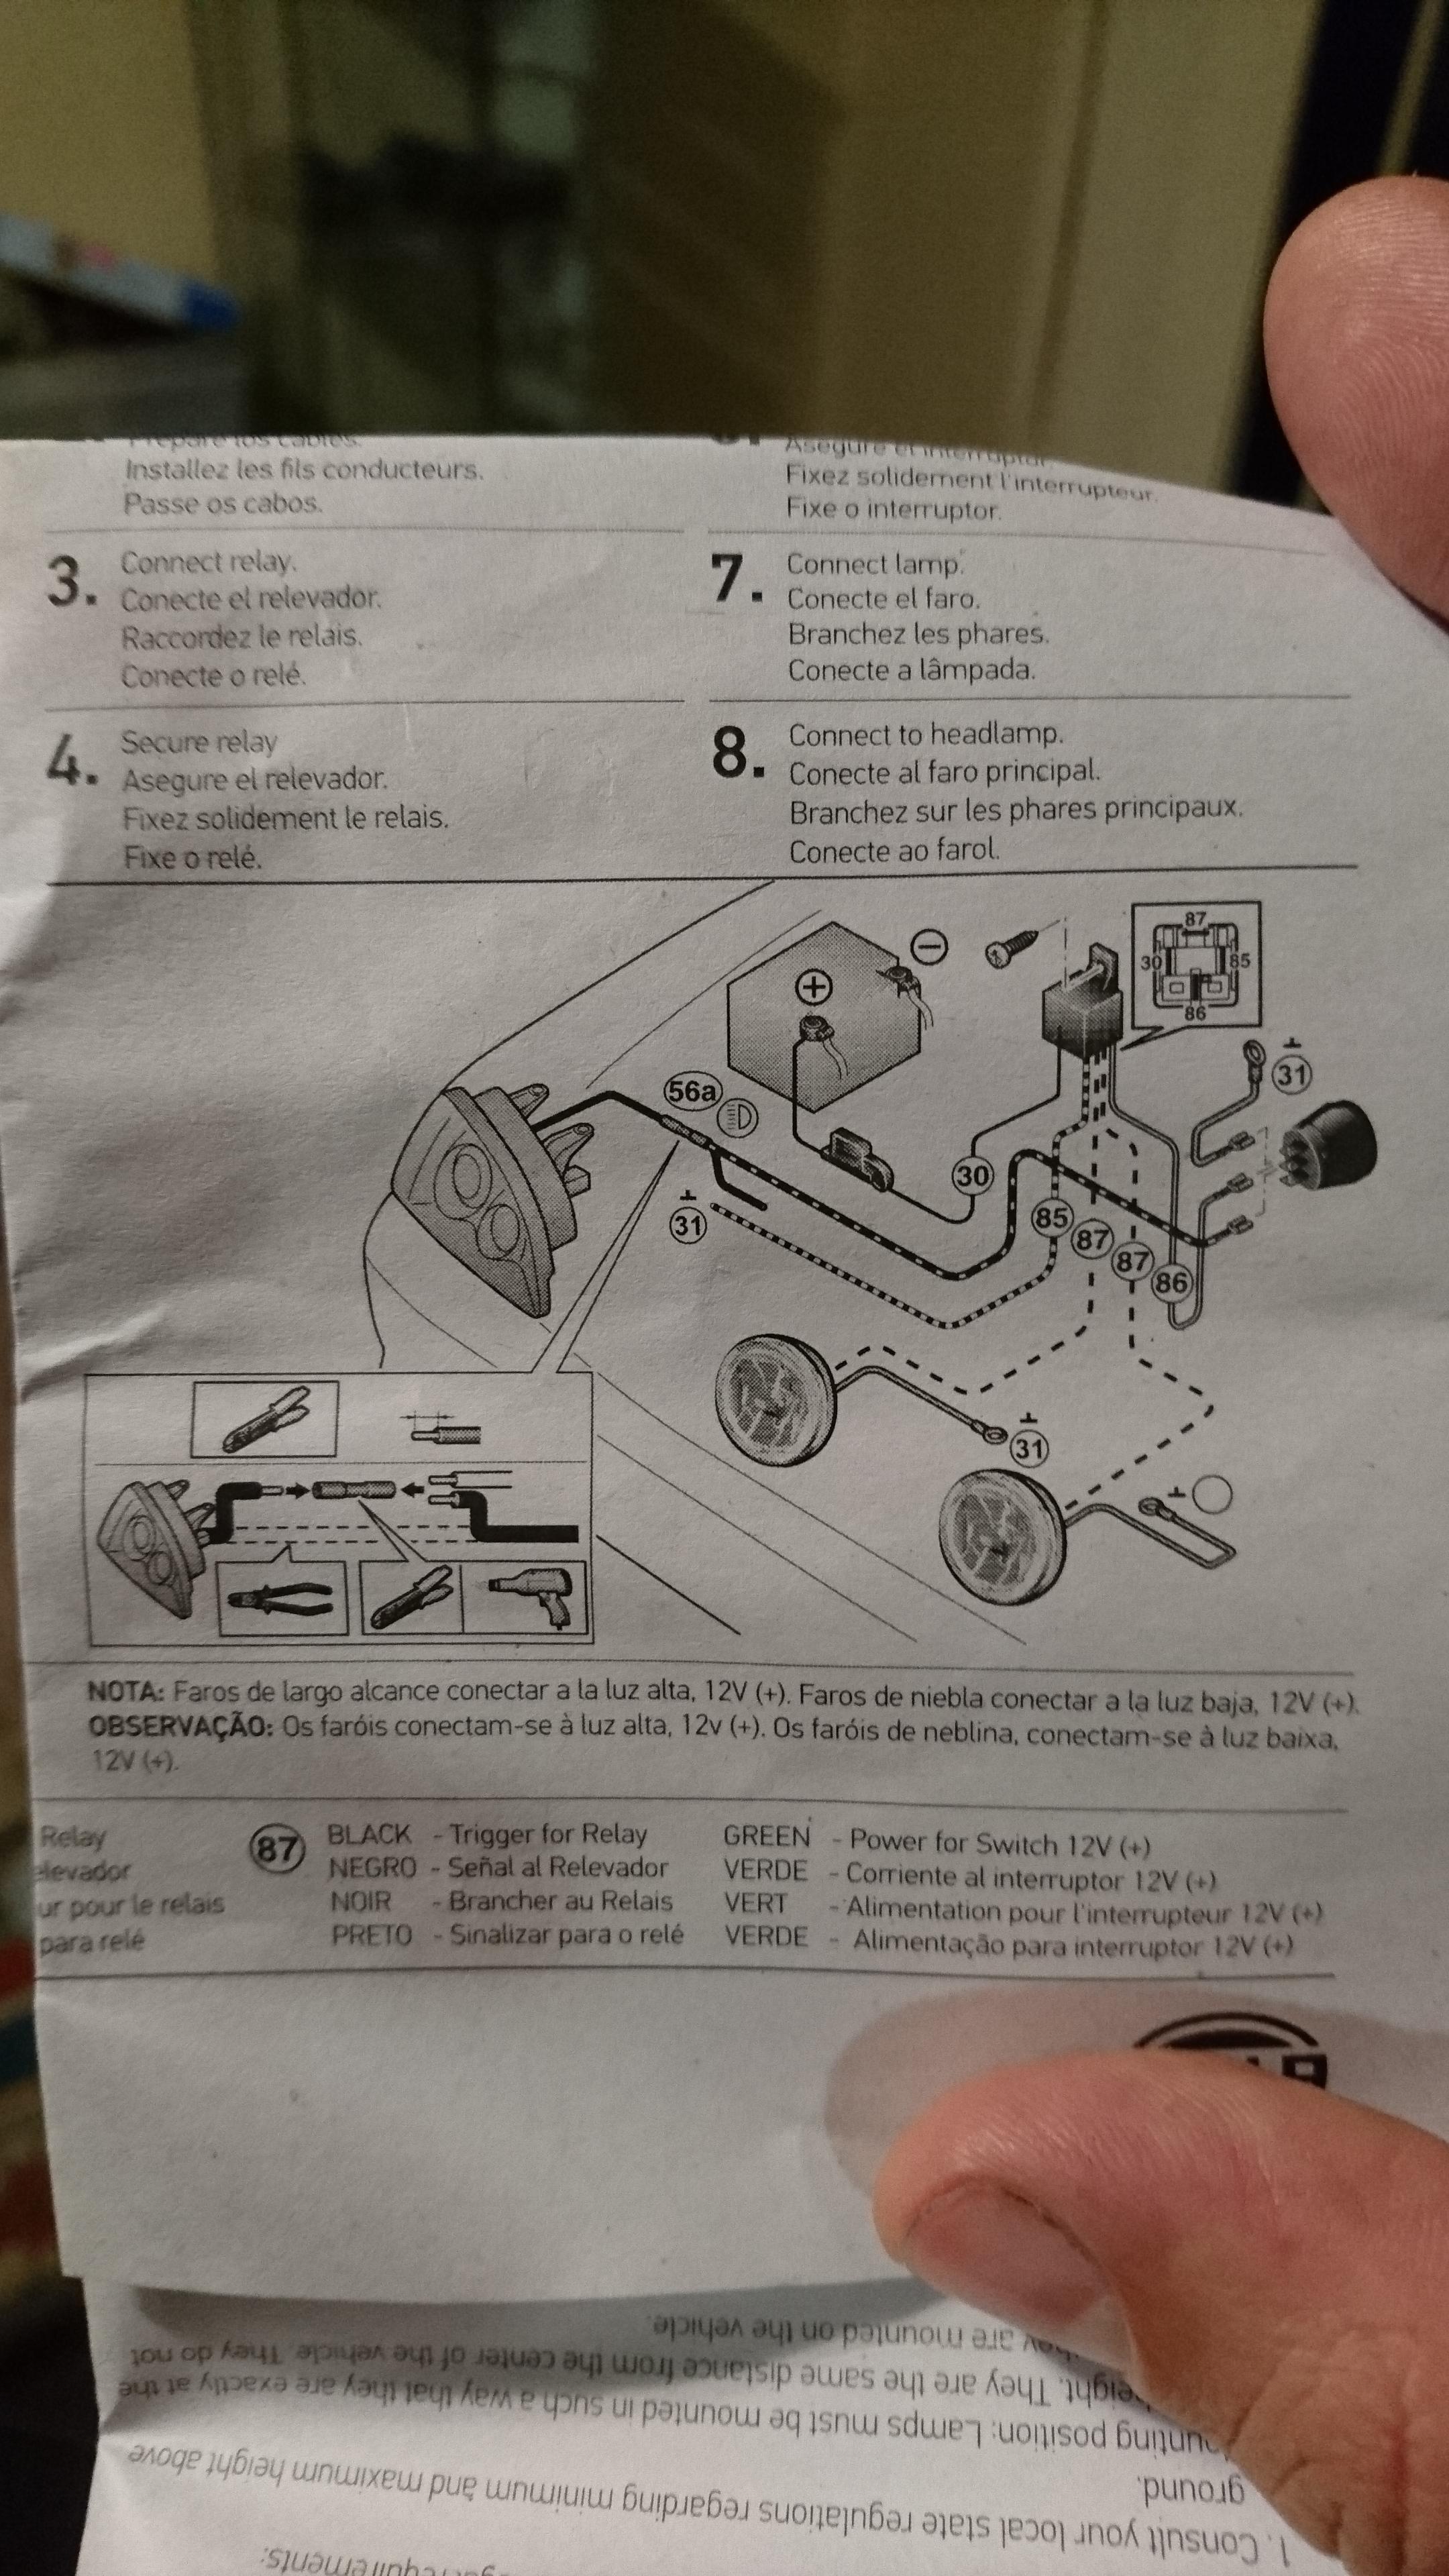 A Ff Wiring Diagram on a motor diagram, a transmission diagram, a fuse diagram, a regulator diagram, a roofing diagram, a radiator diagram, a relay diagram, a body diagram,